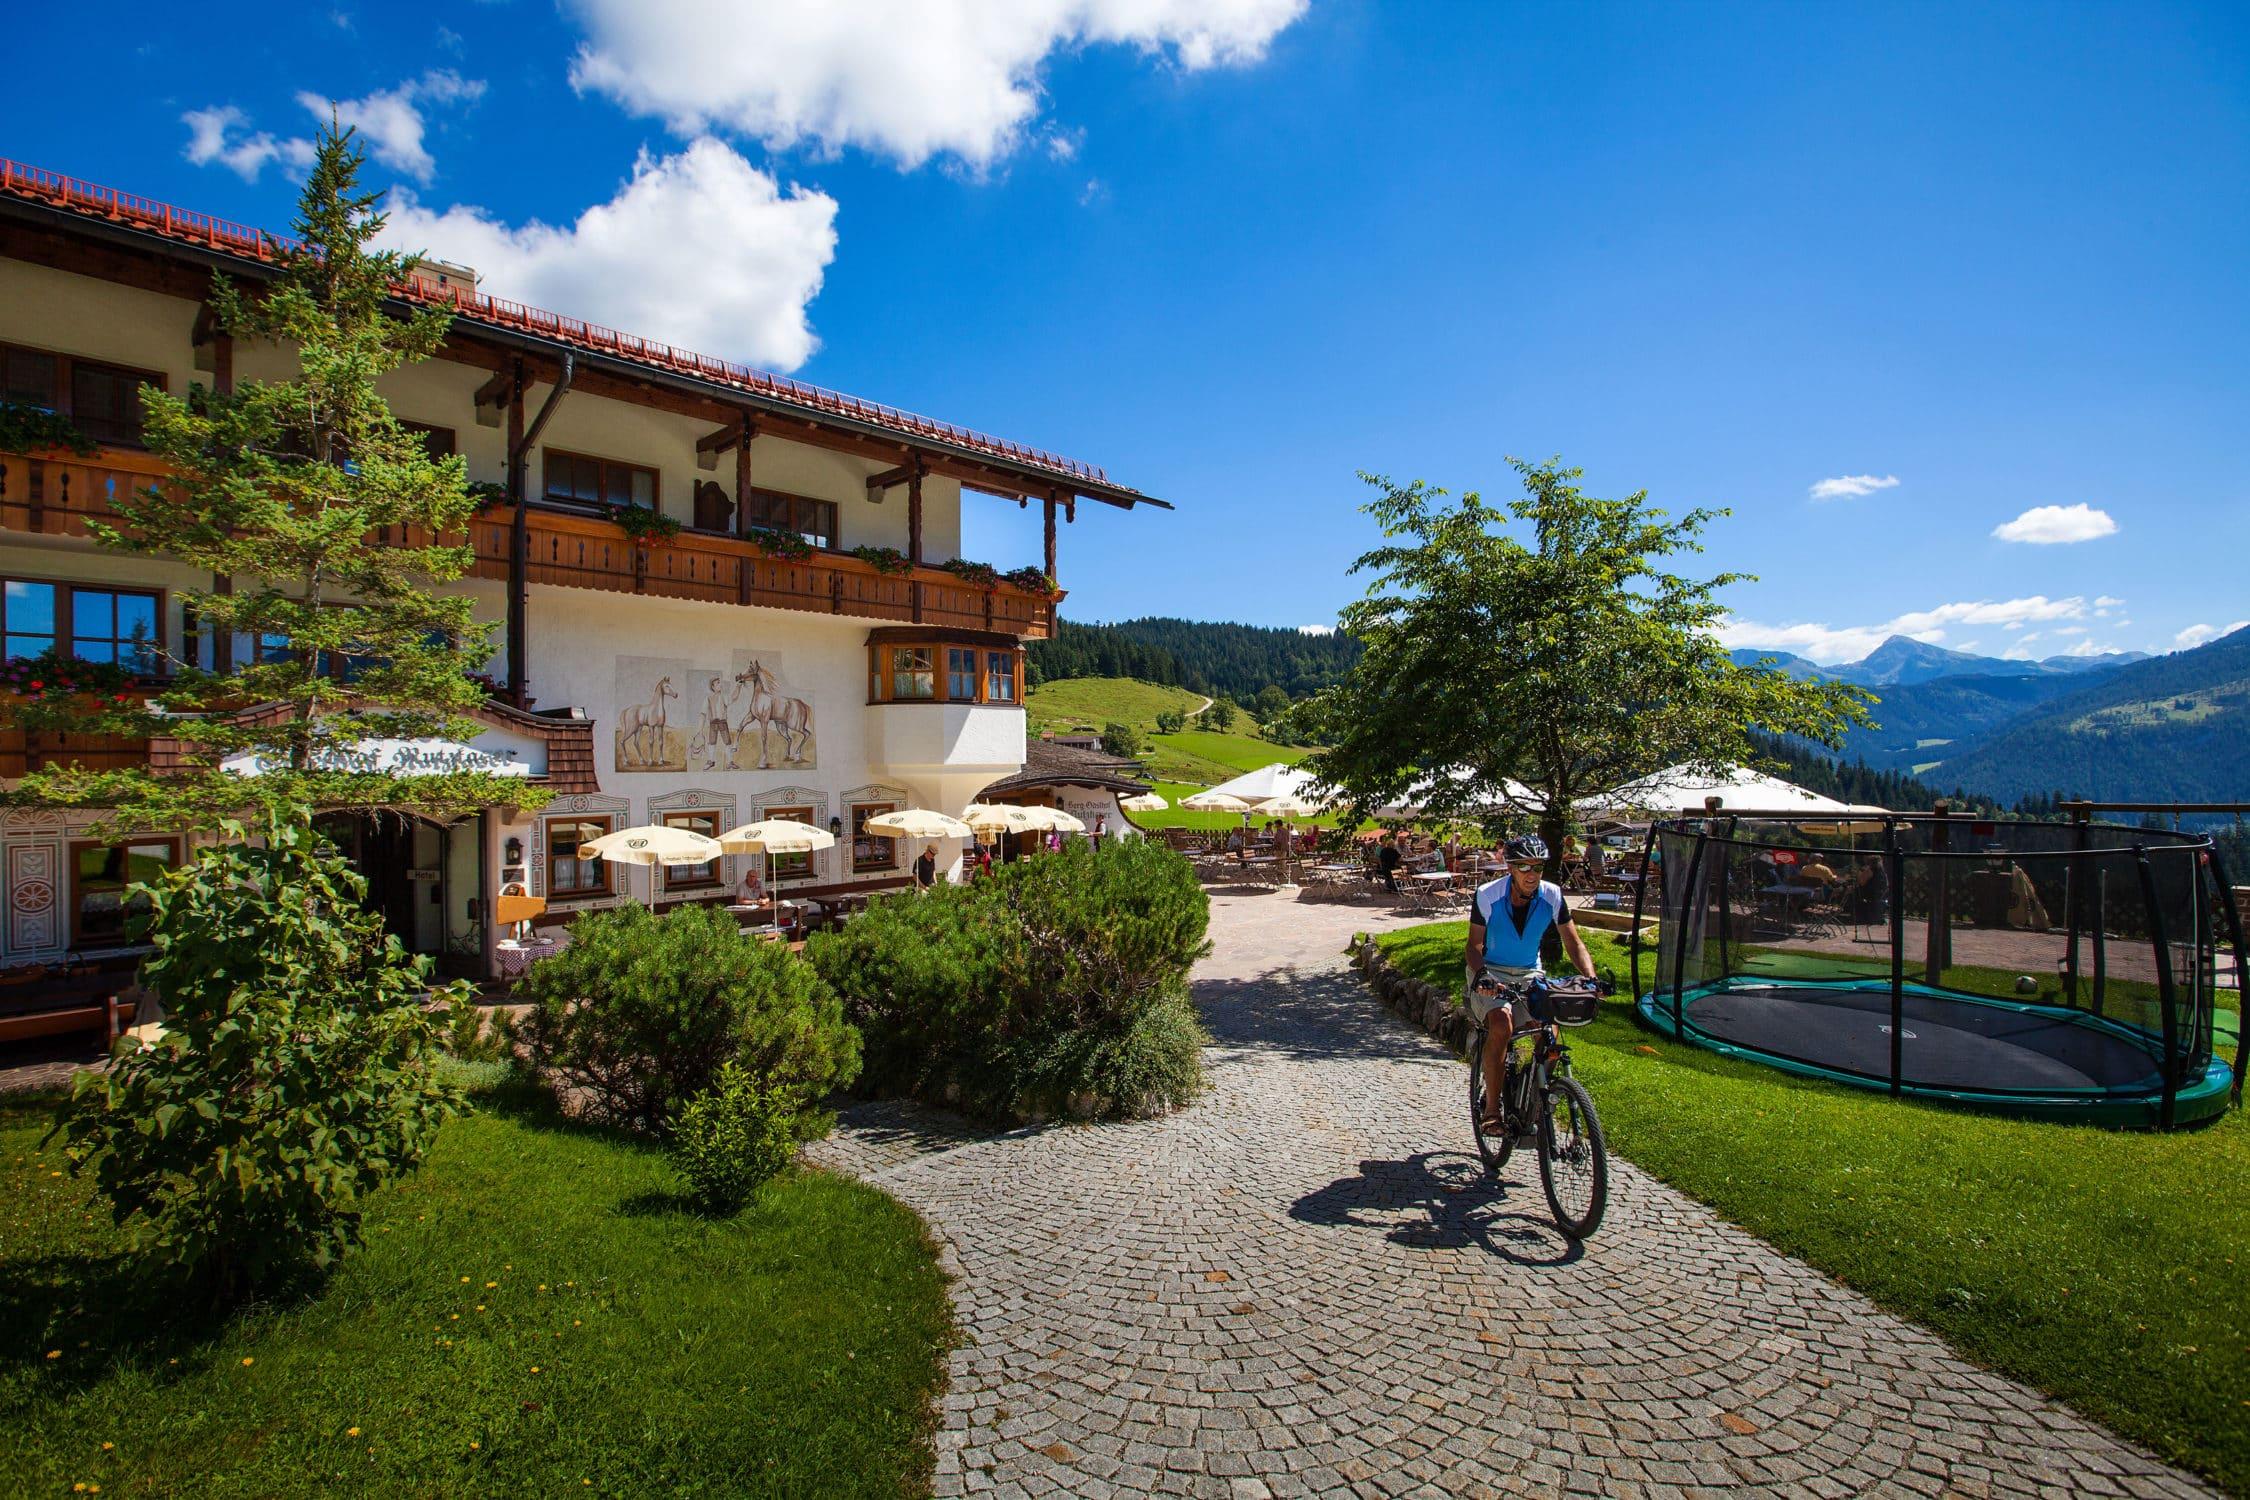 Radfahrer vorm Hotel Gasthof Nutzkaser, Sommeraktivität